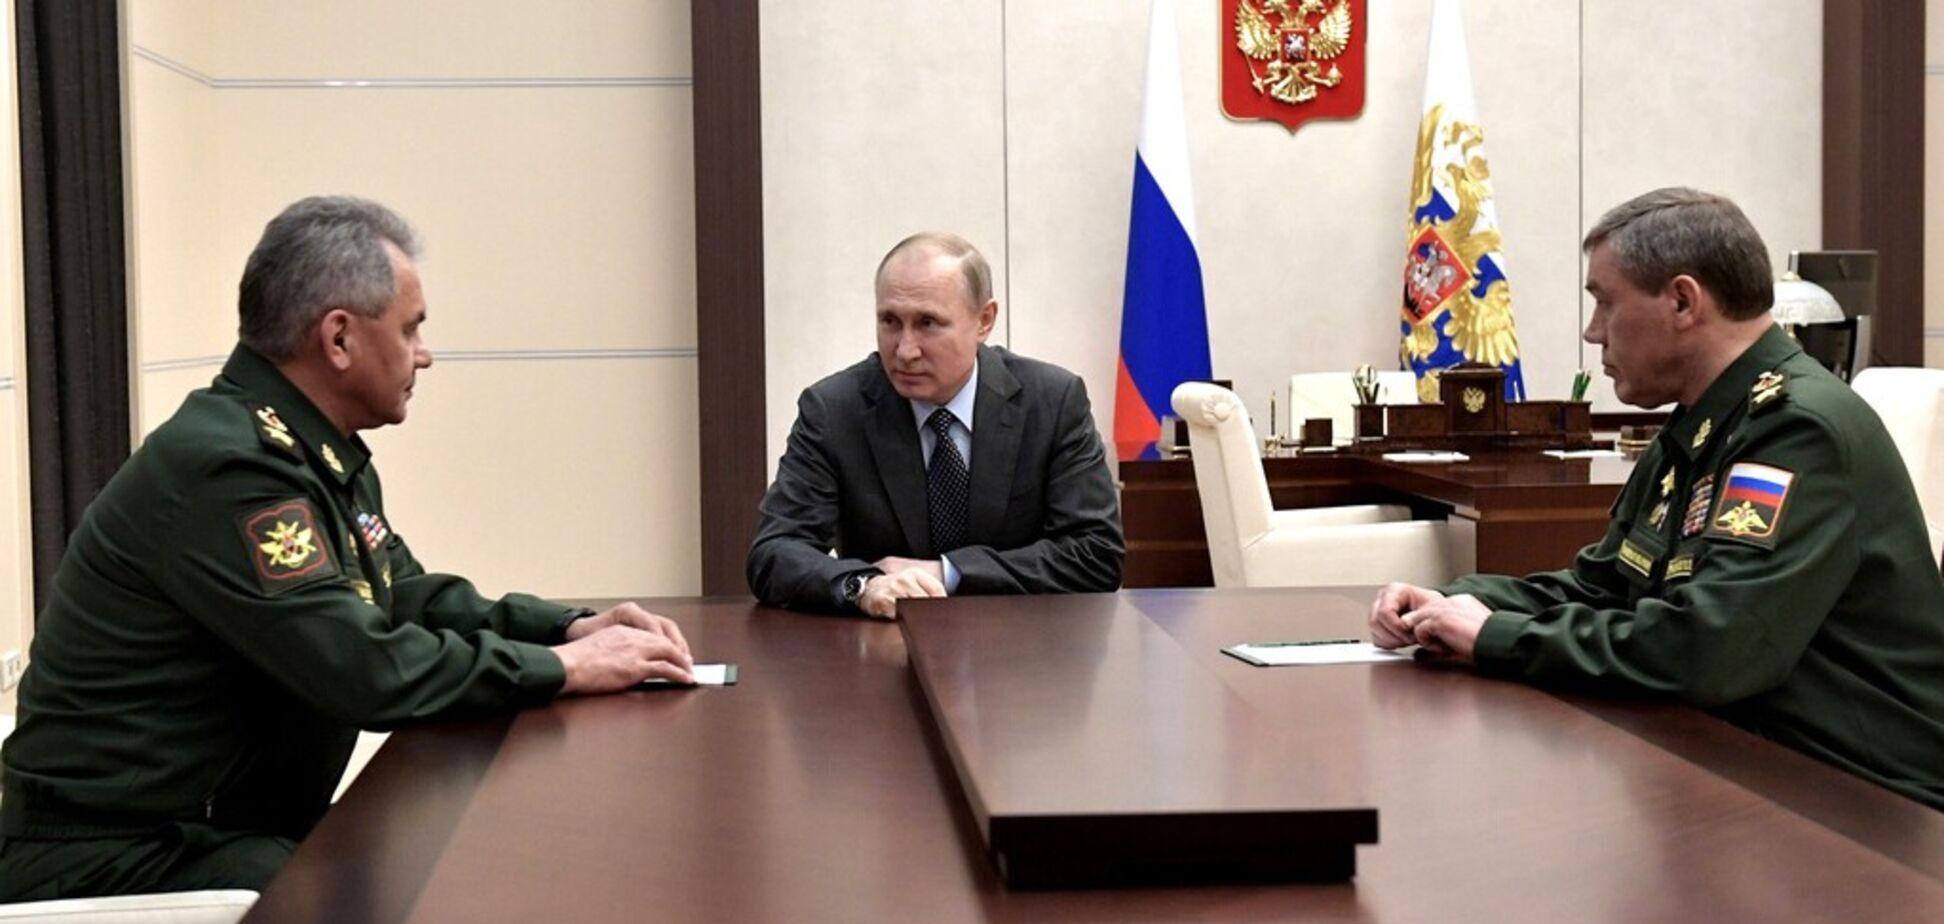 Путин готовится к атаке? Гай объяснил войска на границе с Украиной